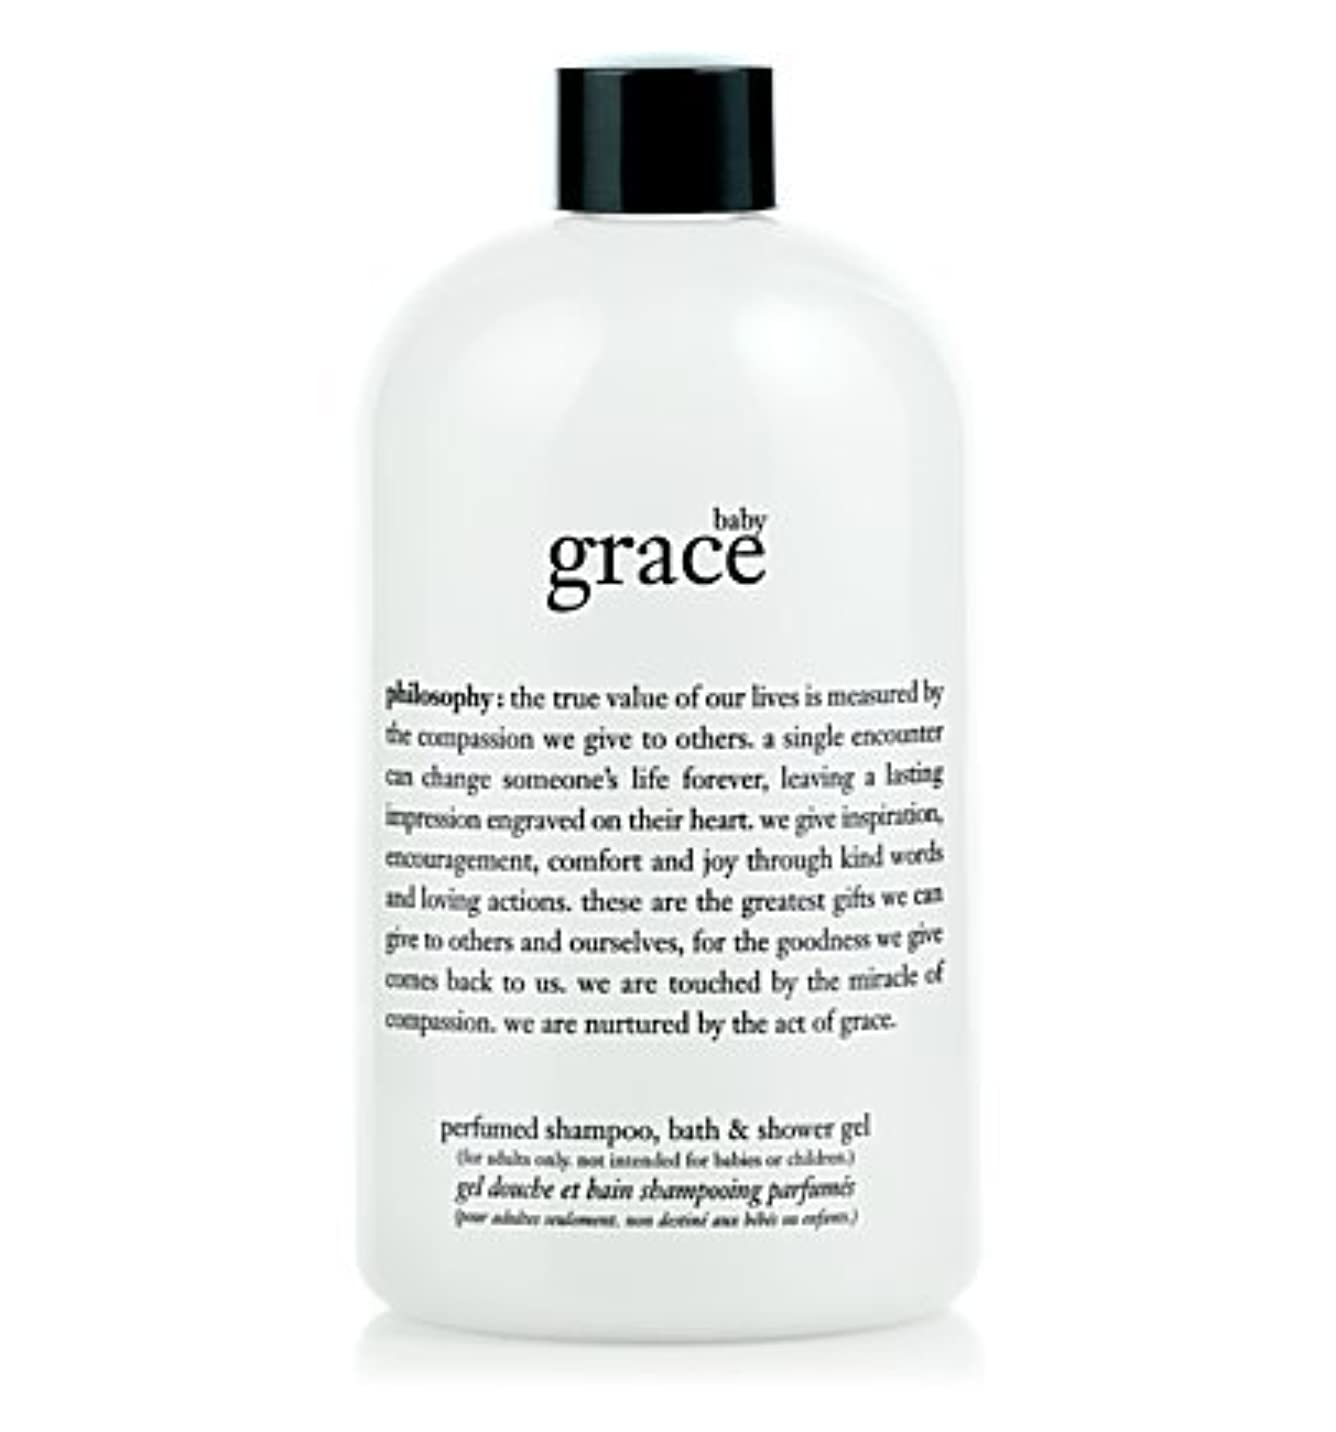 キャロライン試用改修baby grace (ベビーグレイス ) 16.0 oz (480 ml) perfumed shampoo, bath & shower gel for Women